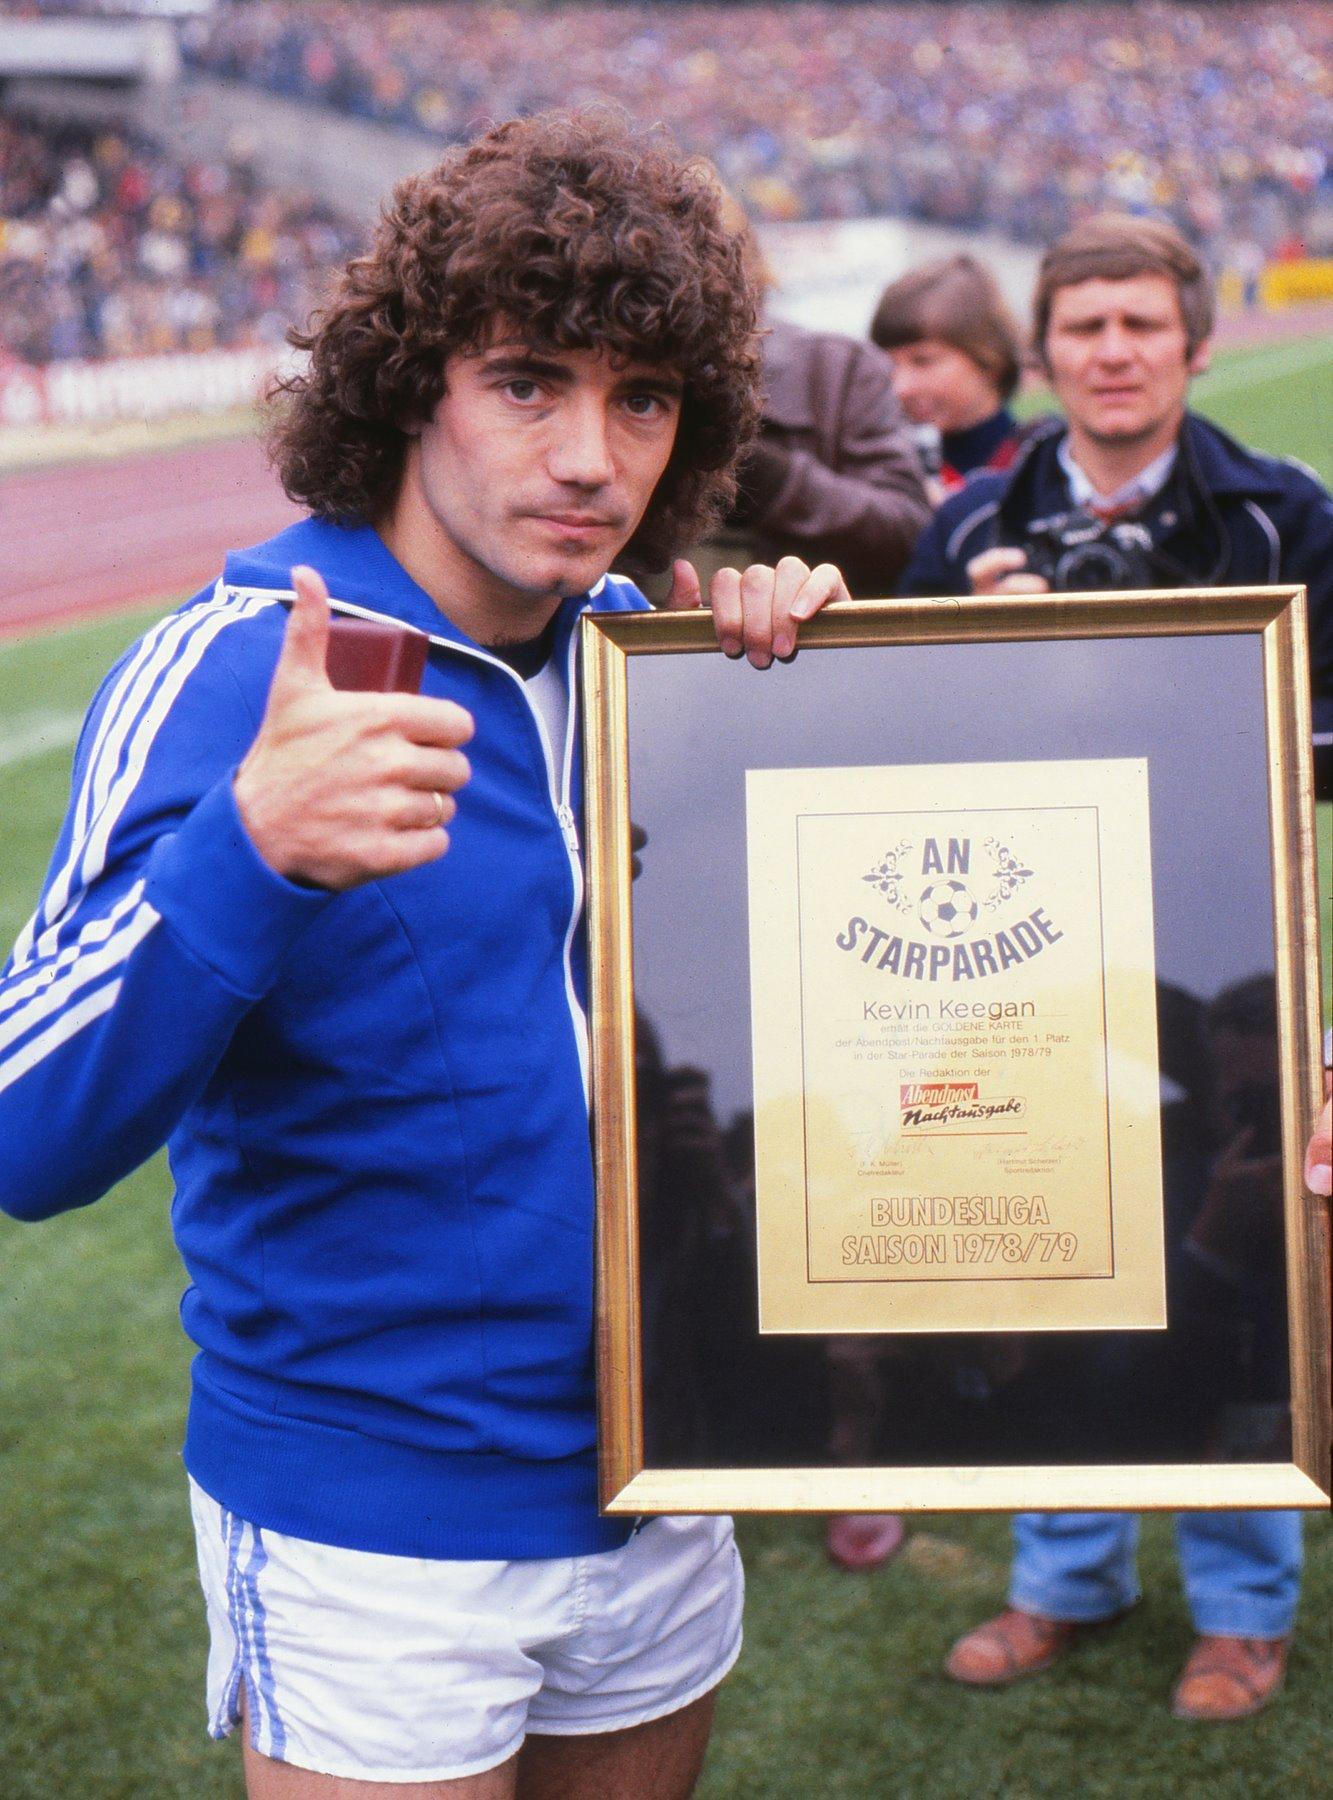 keegan_hamburg_award_1978_7-1.jpg